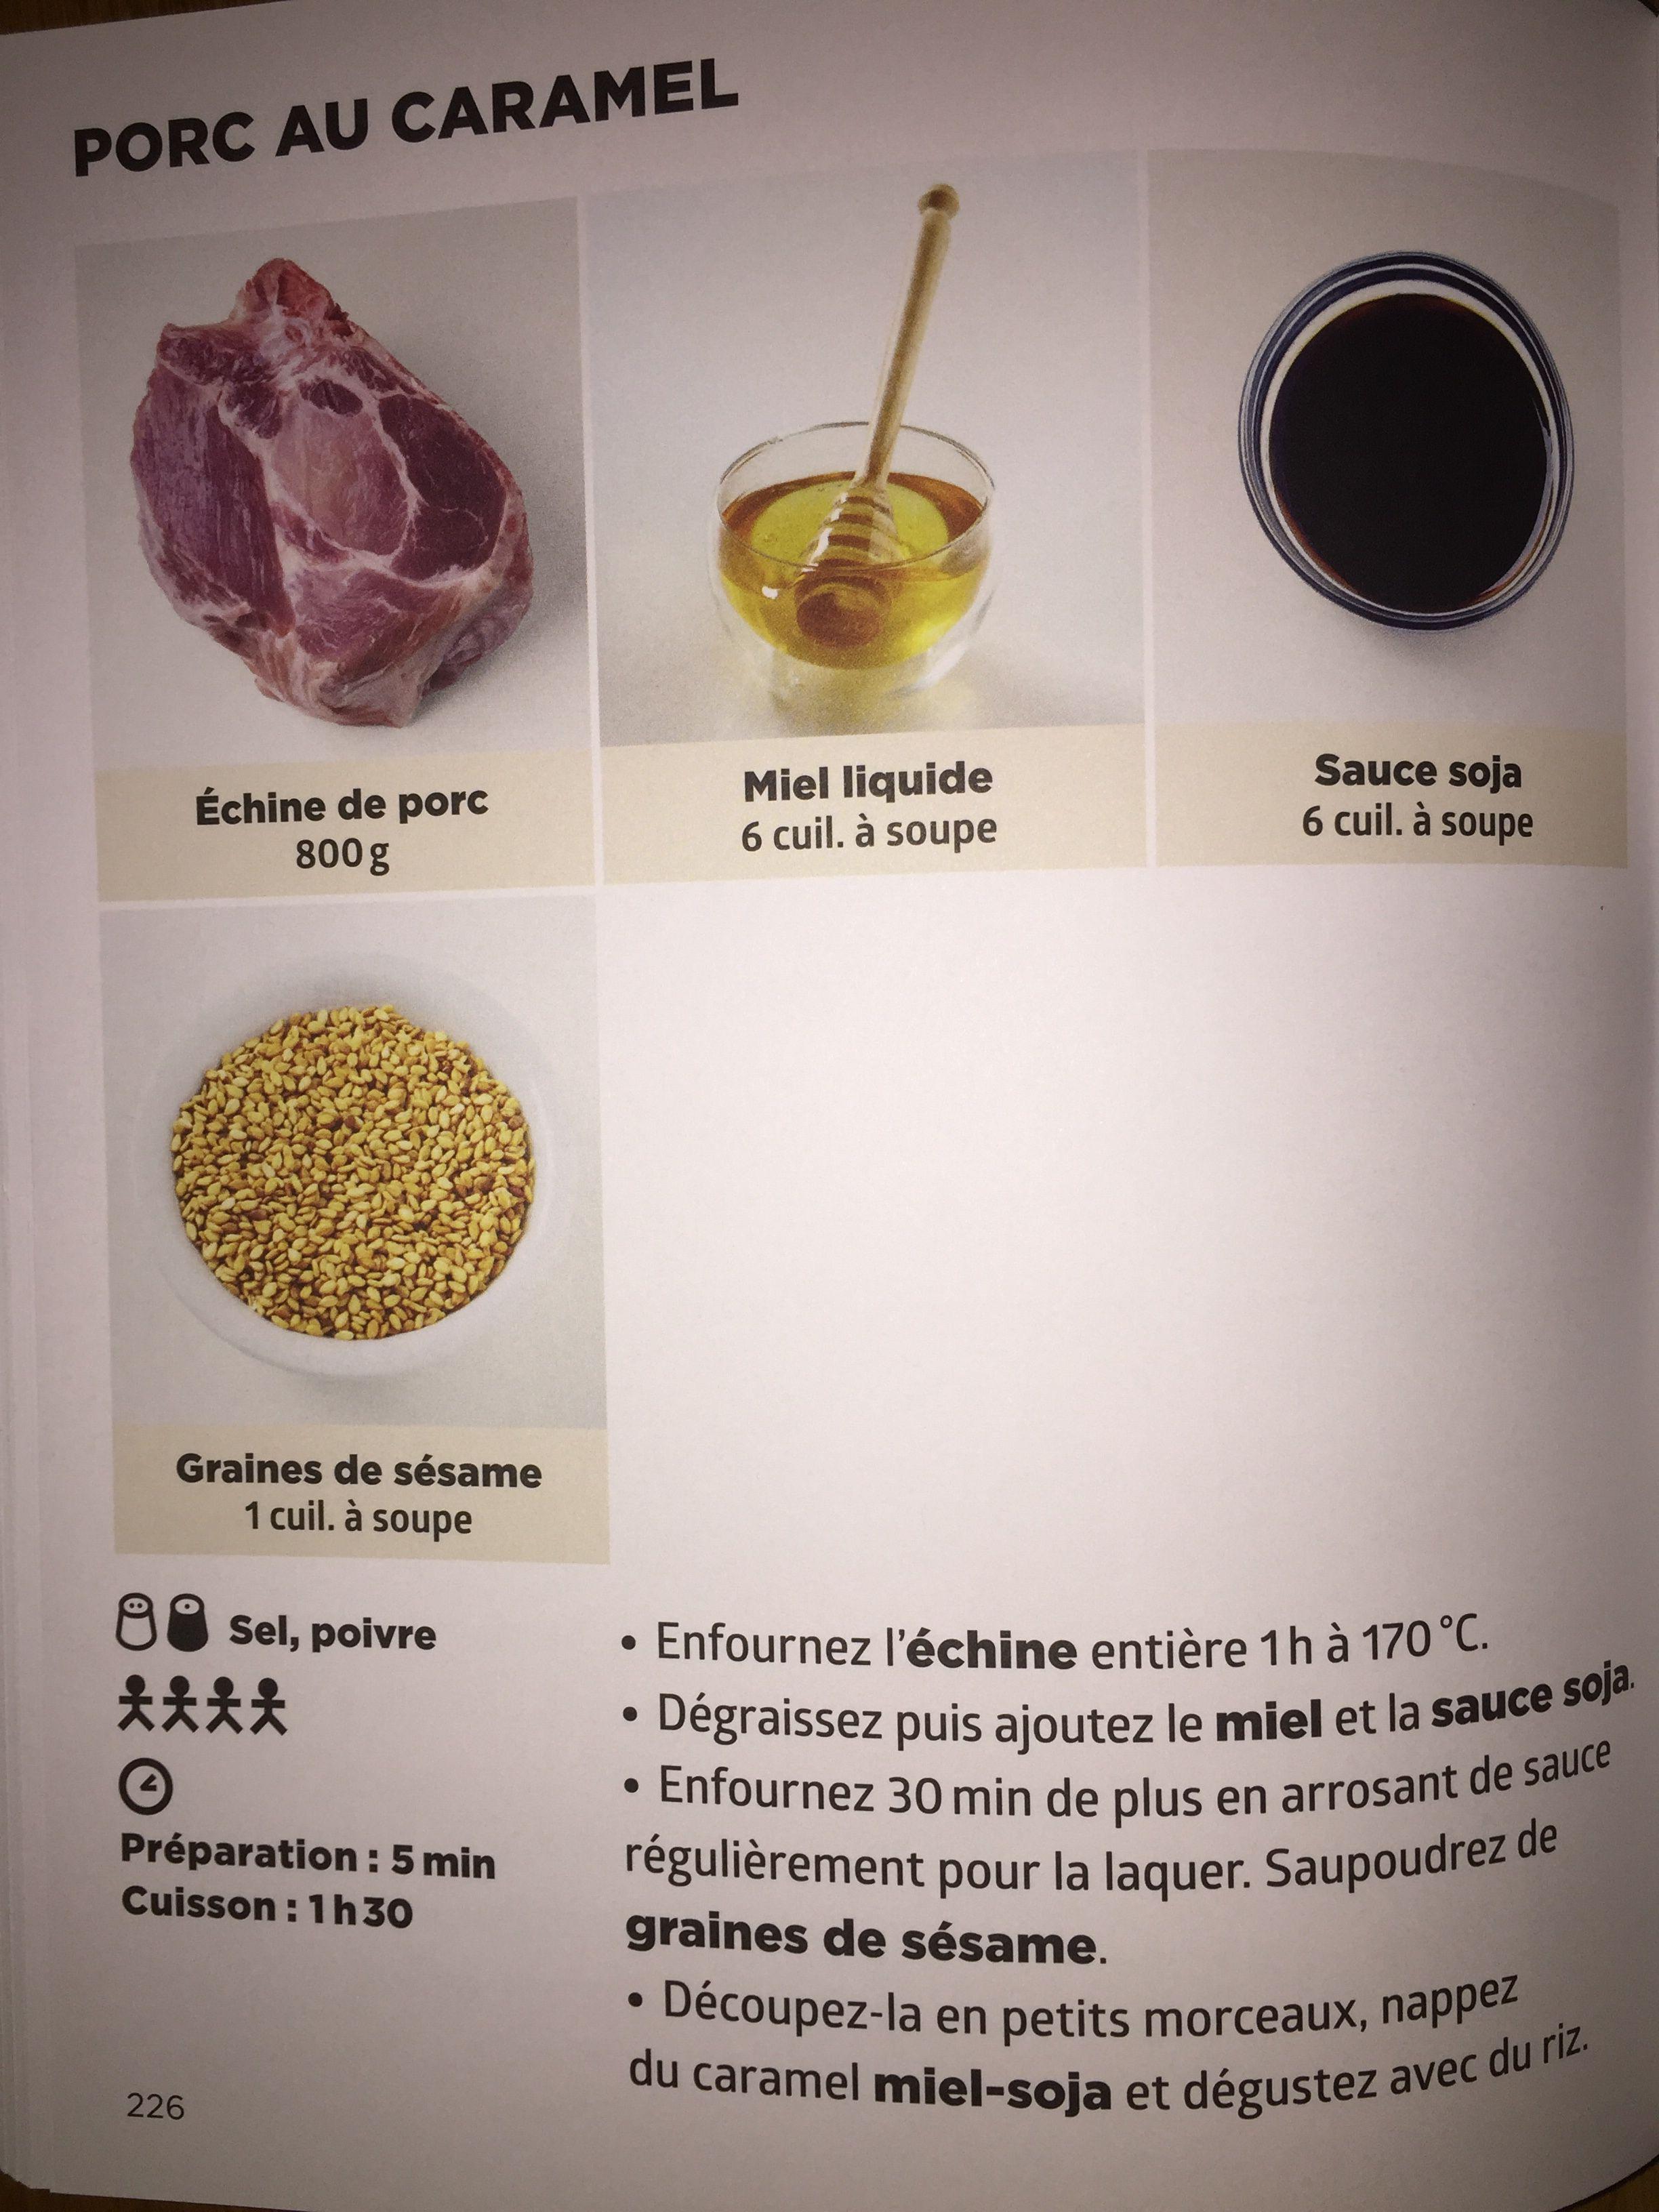 Porc au caramel | Recette de J.F. MALLET | Simplissime recettes ...